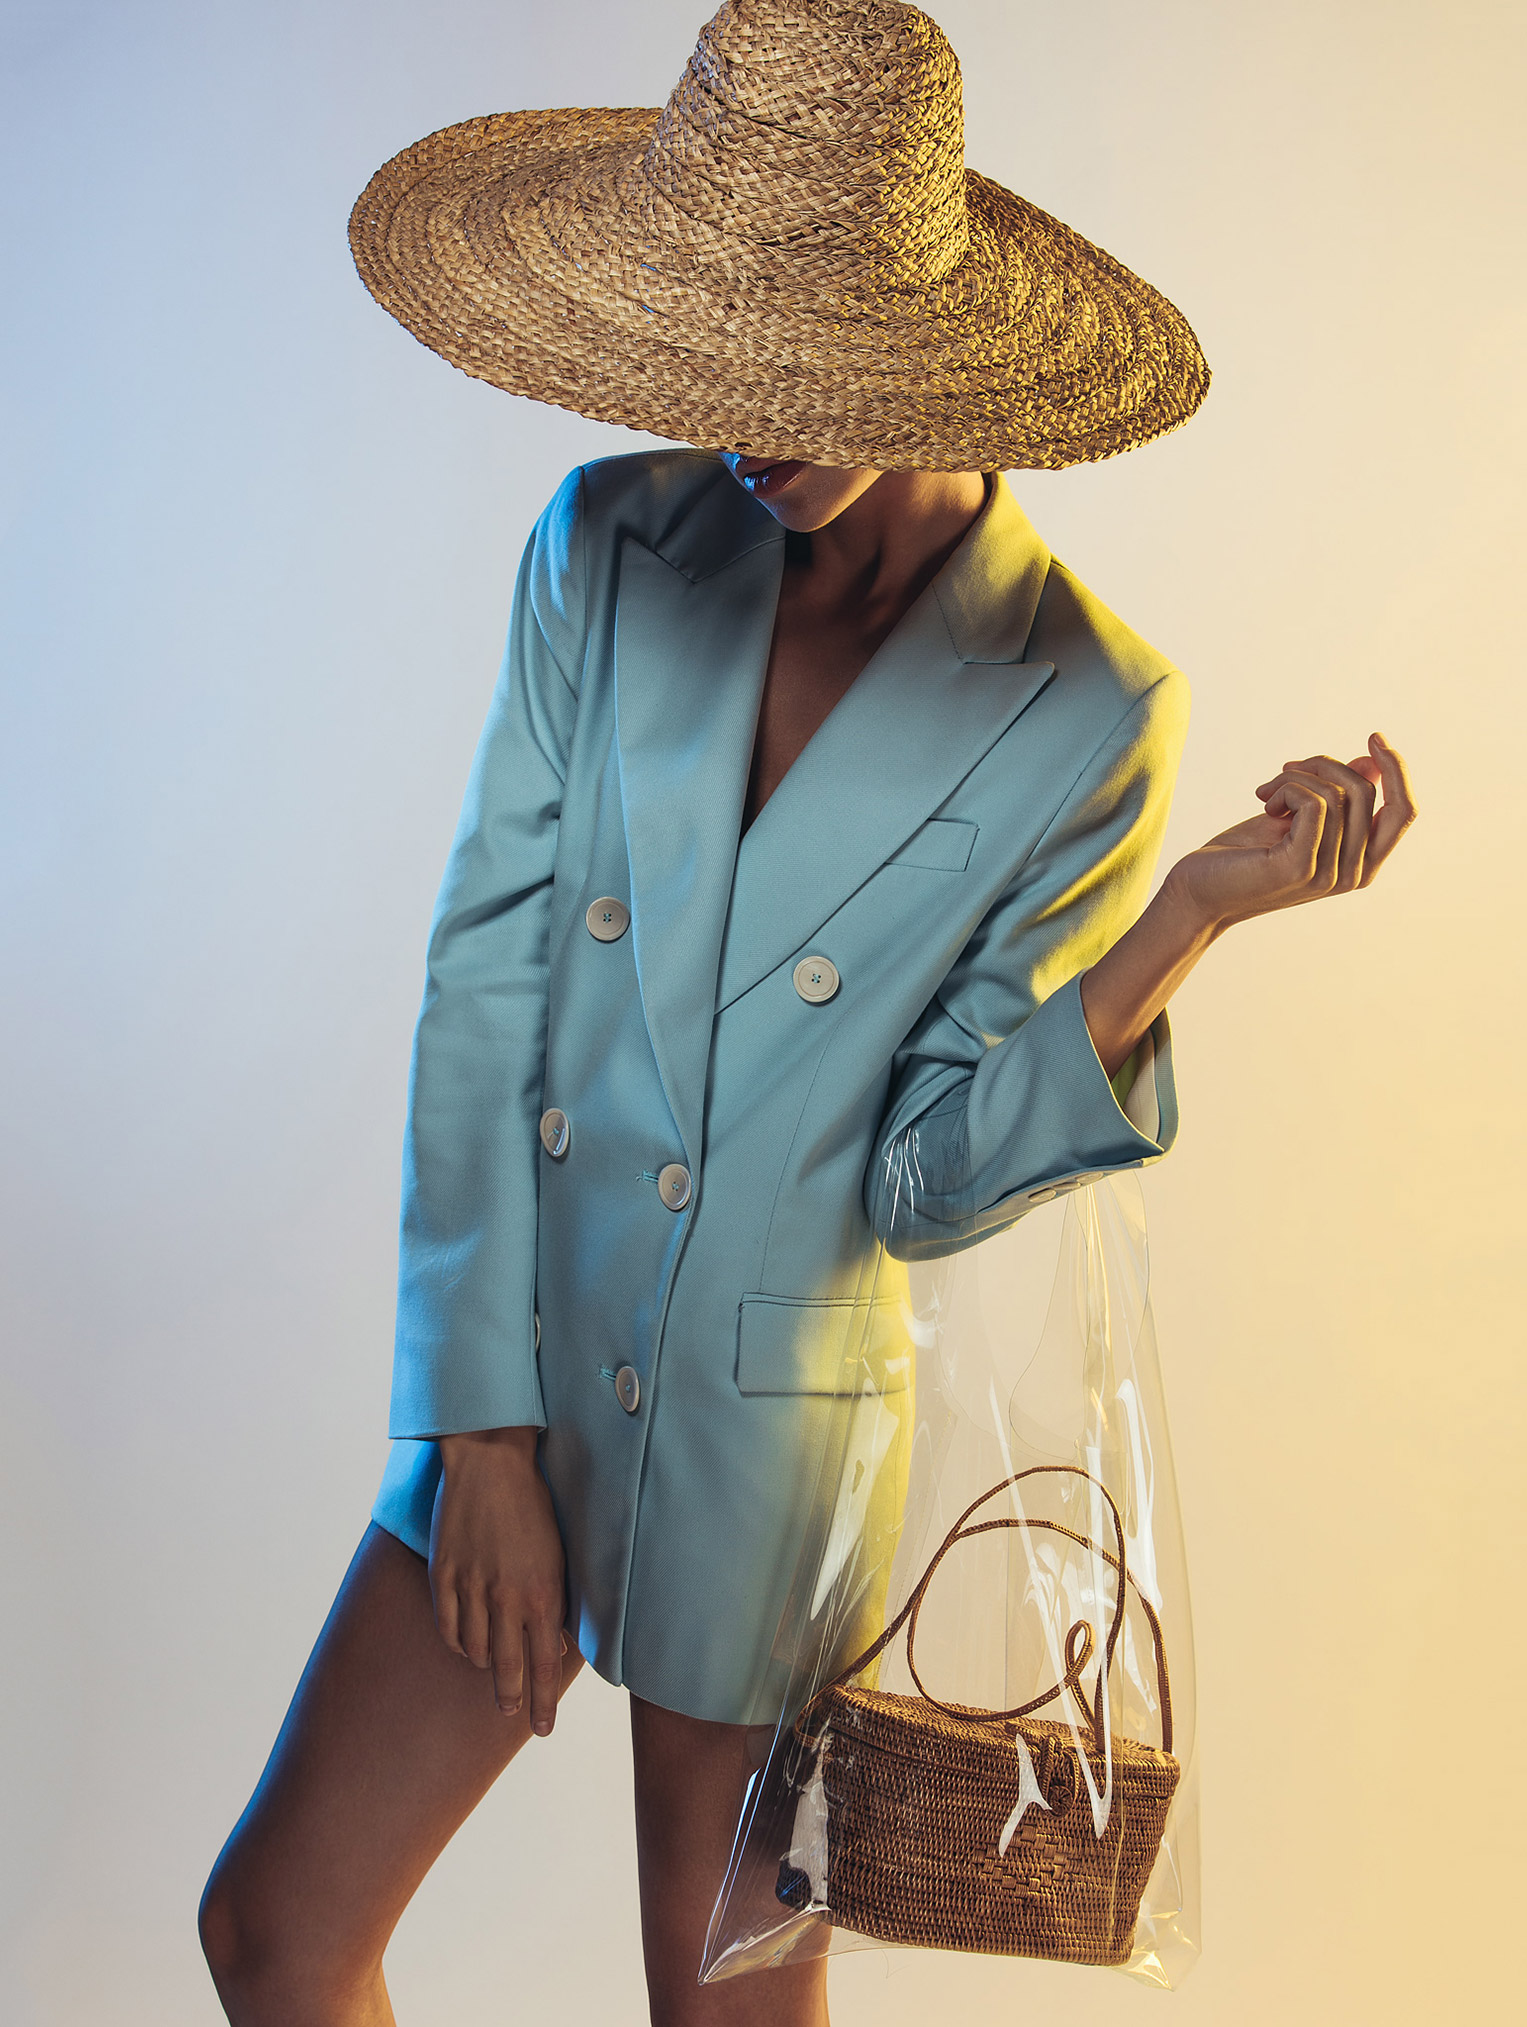 Джейн в каталоге модной одежды LouLou 2019 / фото 12